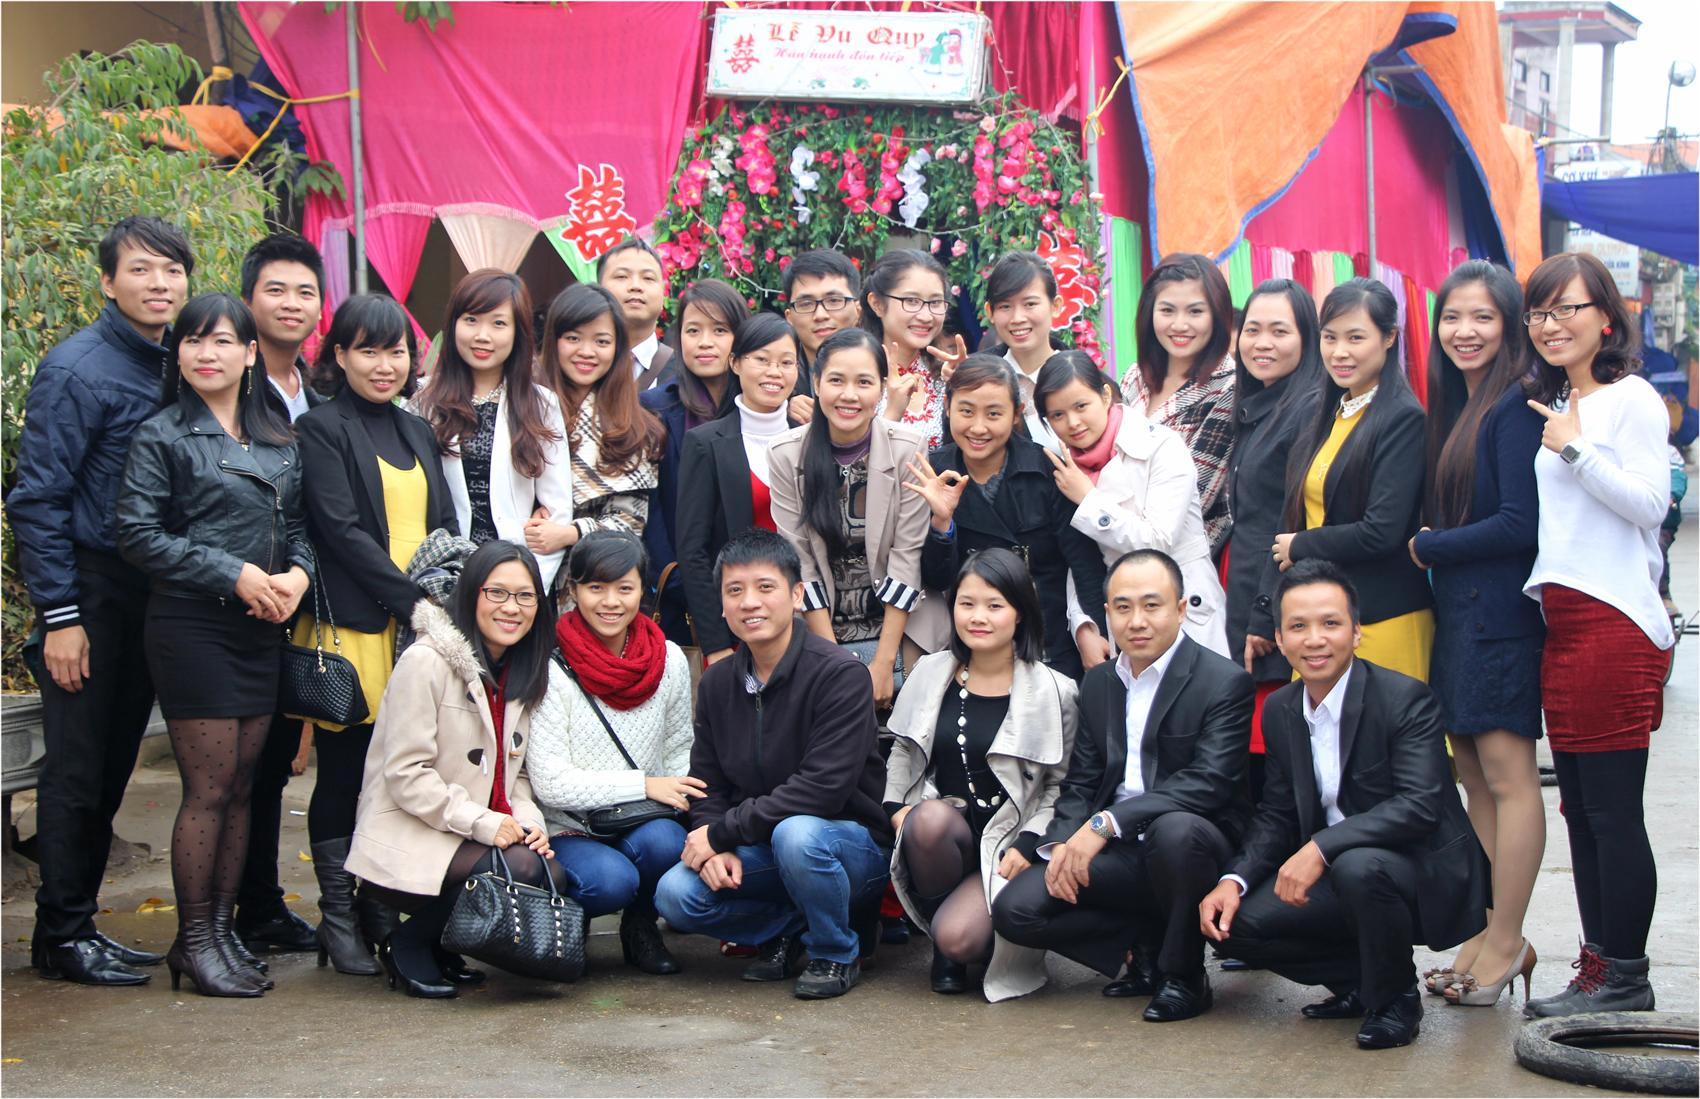 ATL Team @ Duong Nguyen's Wedding